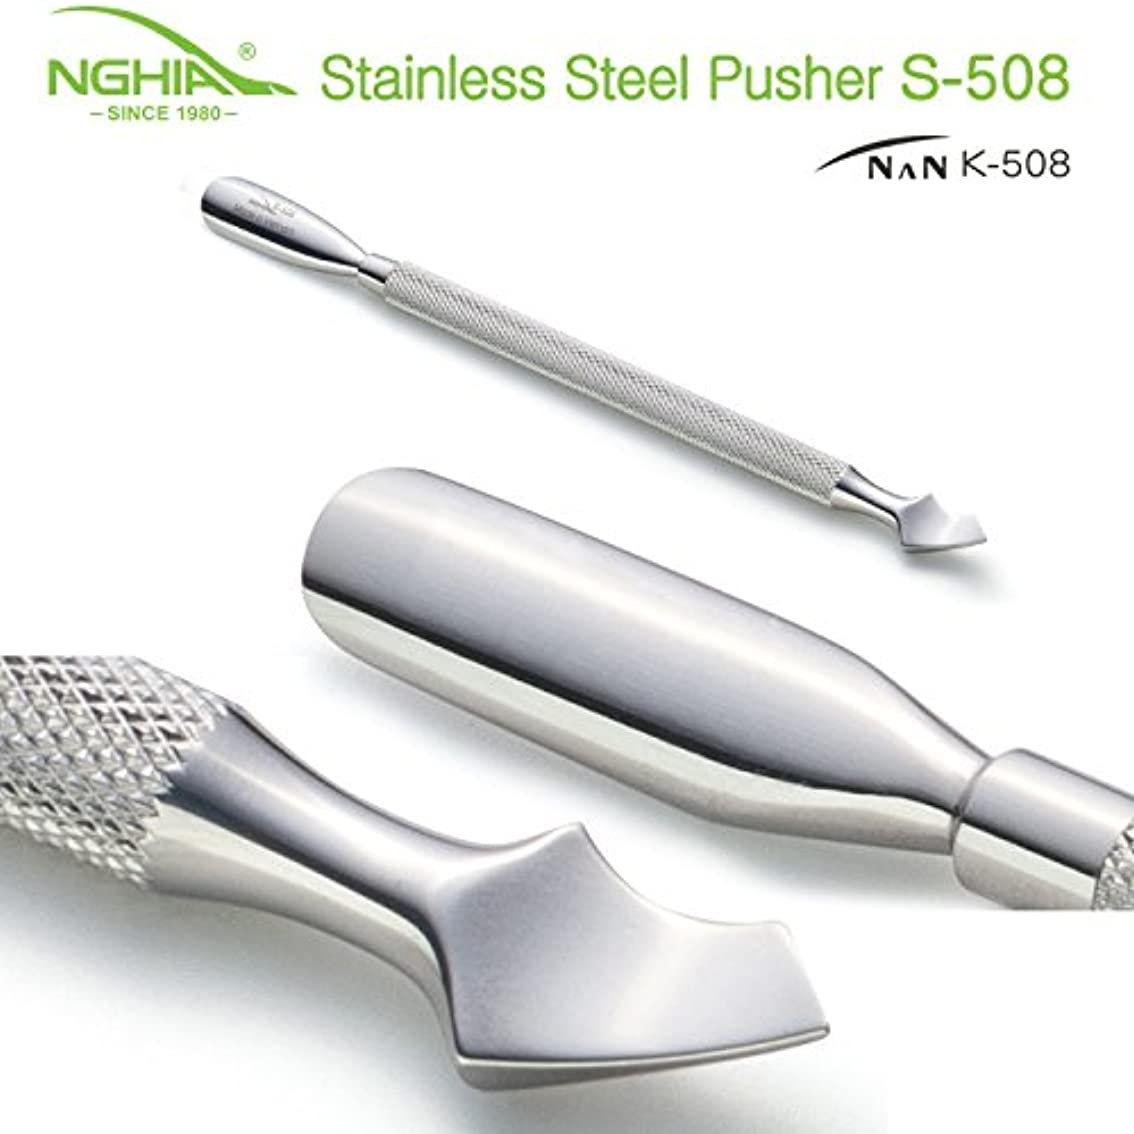 累積あらゆる種類の何でもネイル ステンレス プッシャー オフ スクレーパー NGHIA NAN シリーズ (NAN K-508)